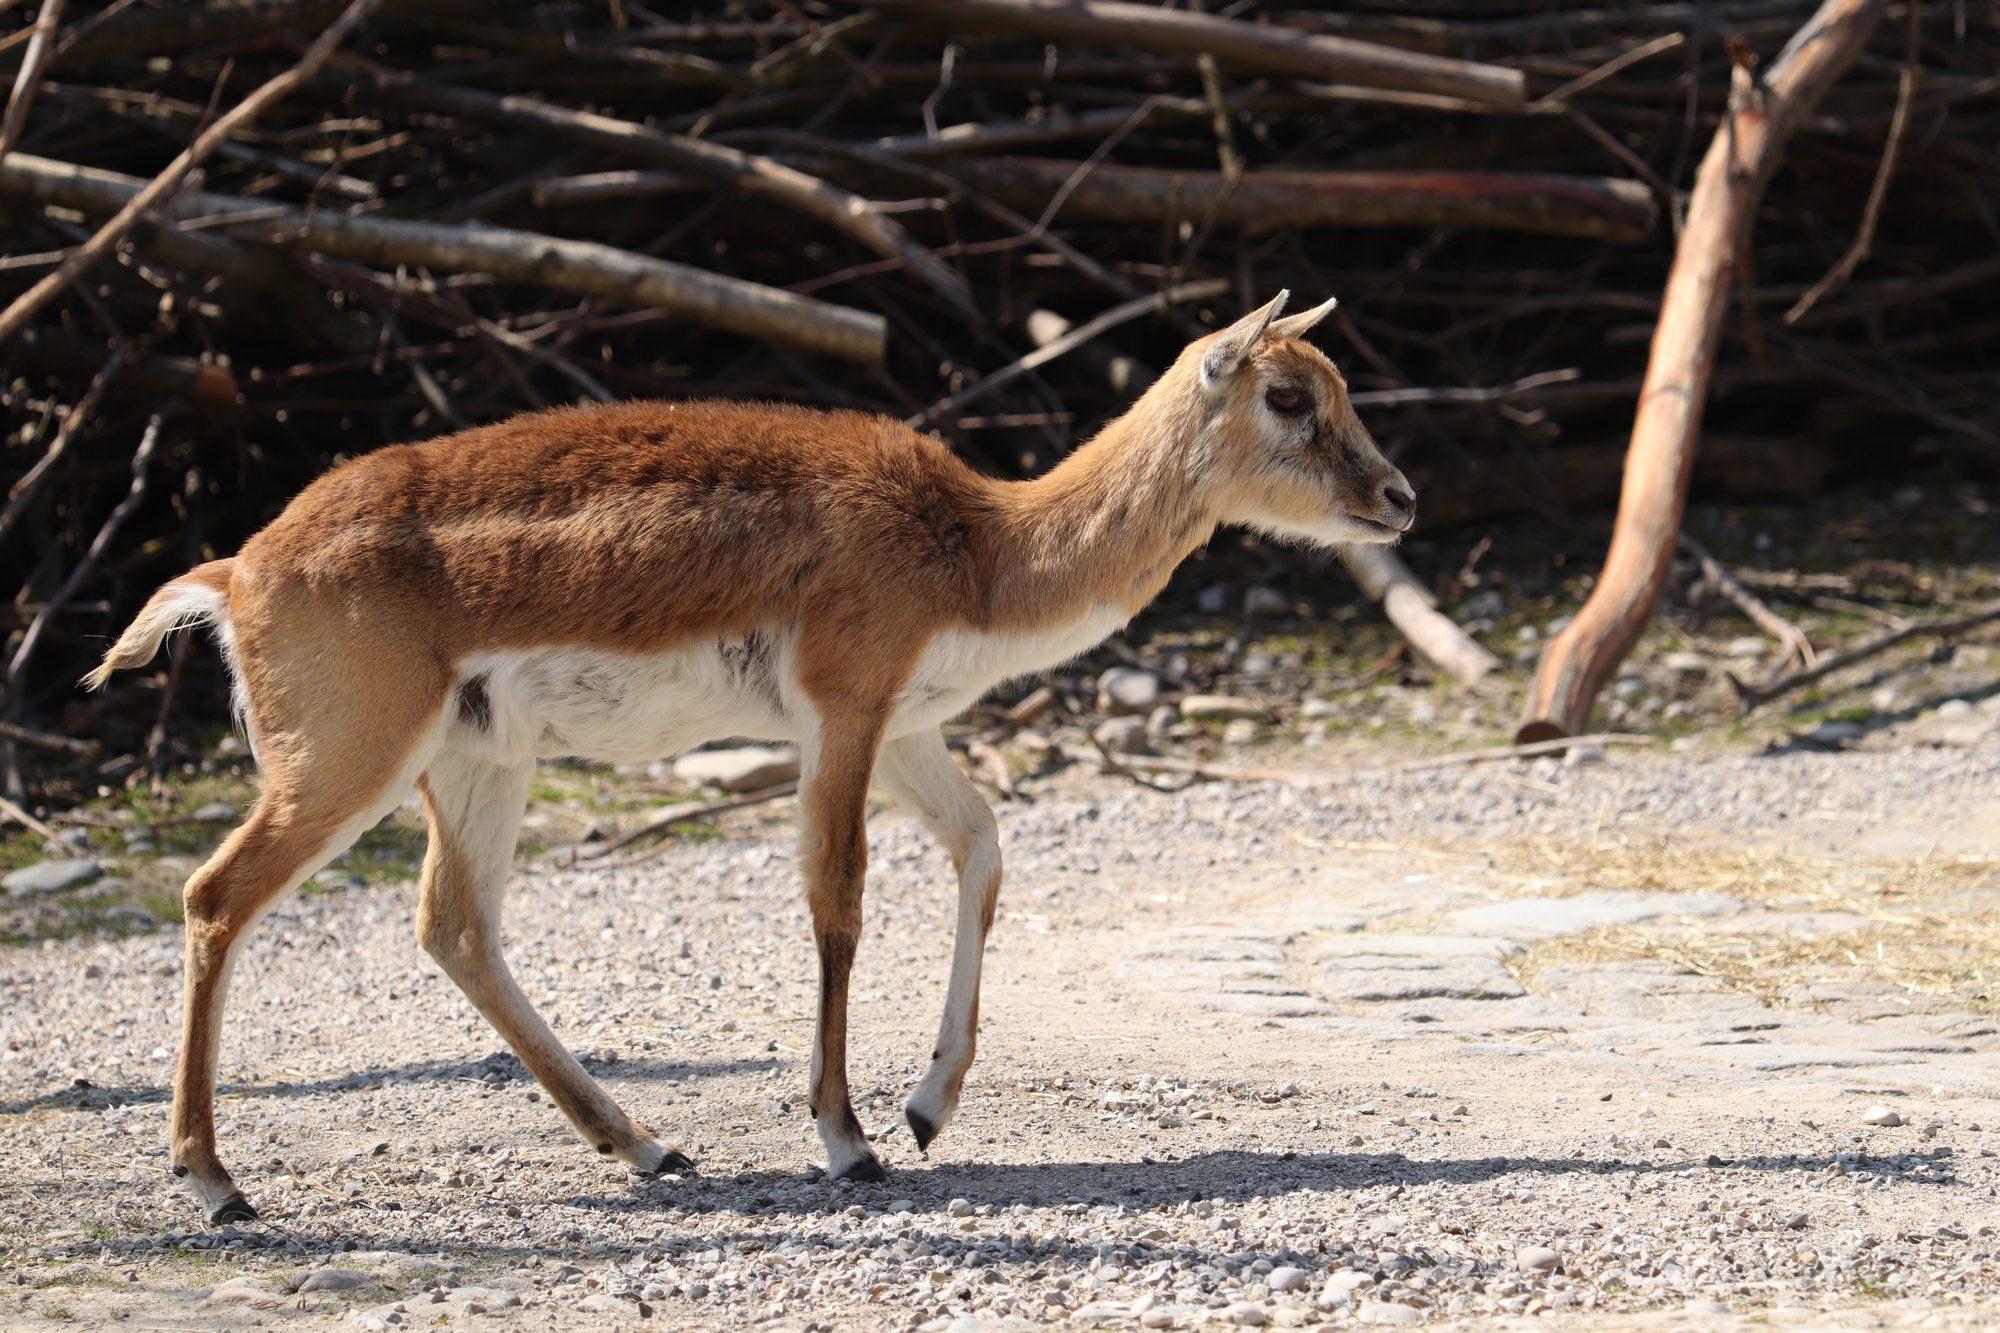 Hirschziegenantilope im Tierpark Hellabrunn